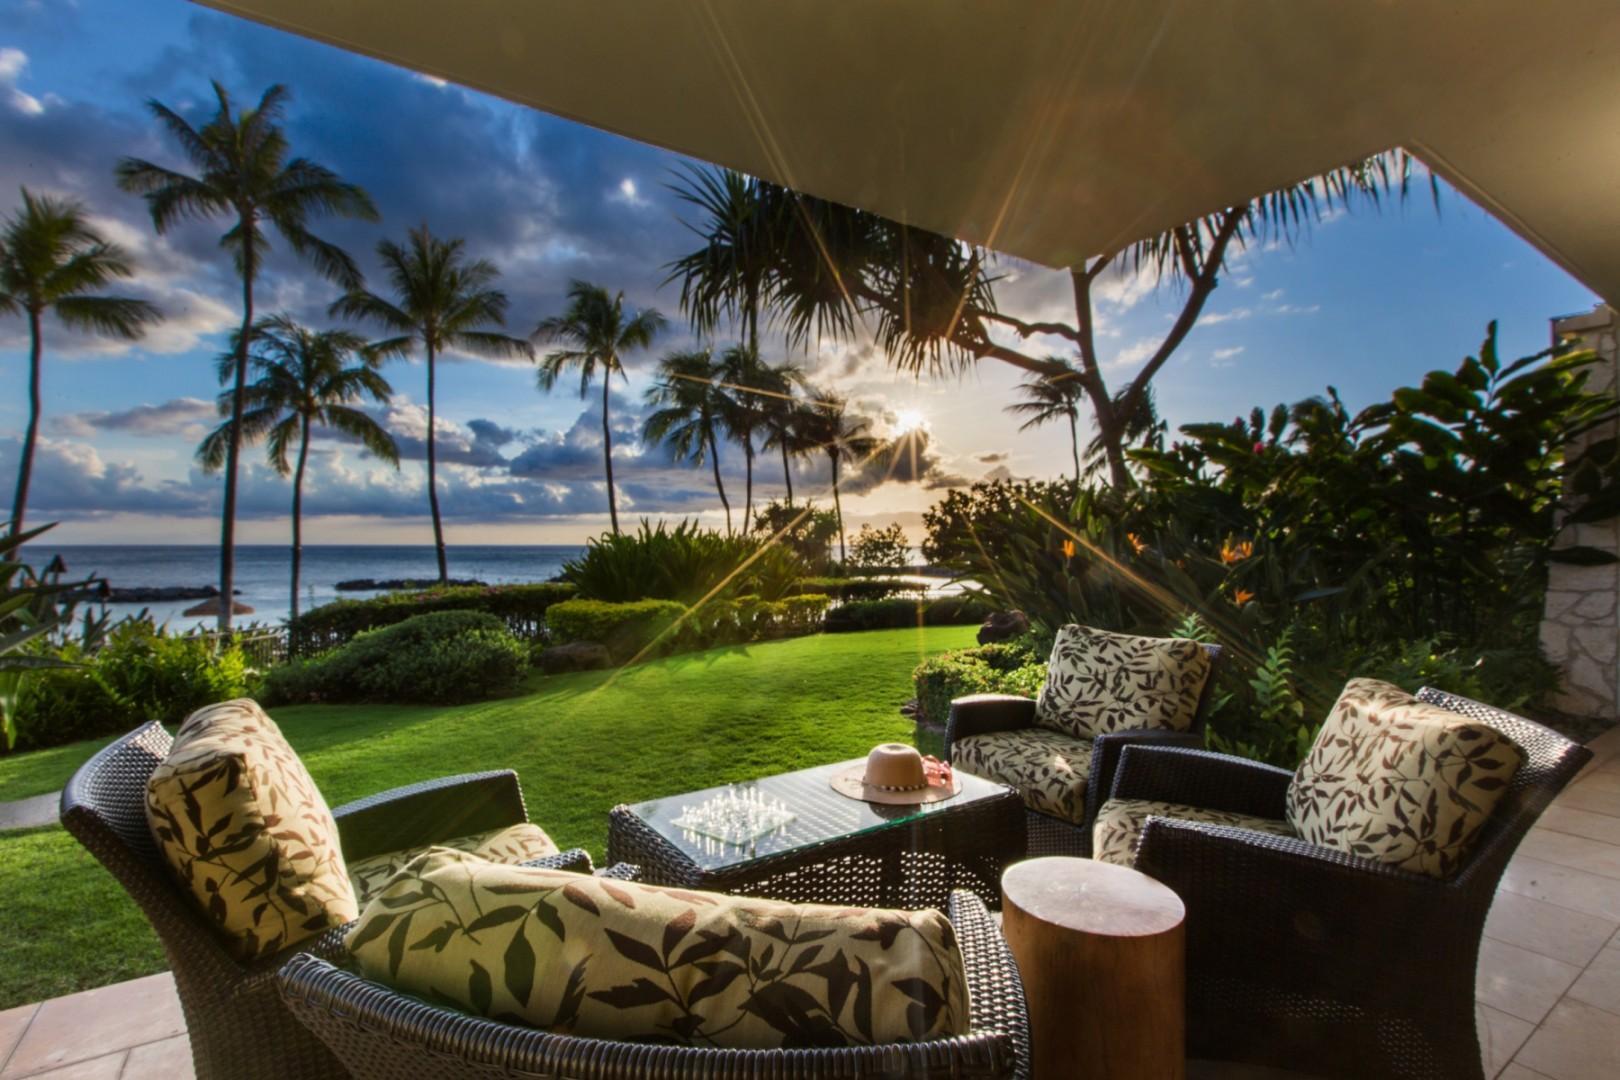 Enjoy sunset and ocean views from this ground floor beachfront lanai overlooking Ko Olina Lagoon 2